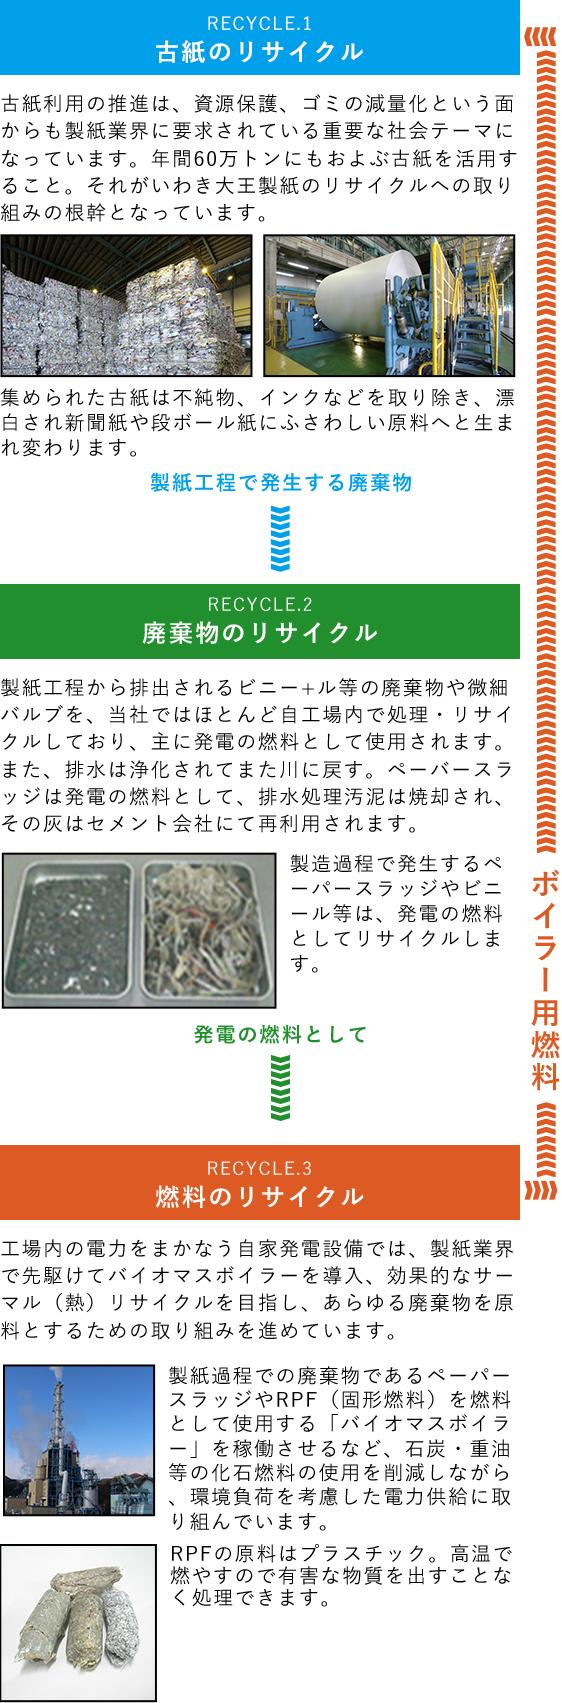 リサイクルネットワーク